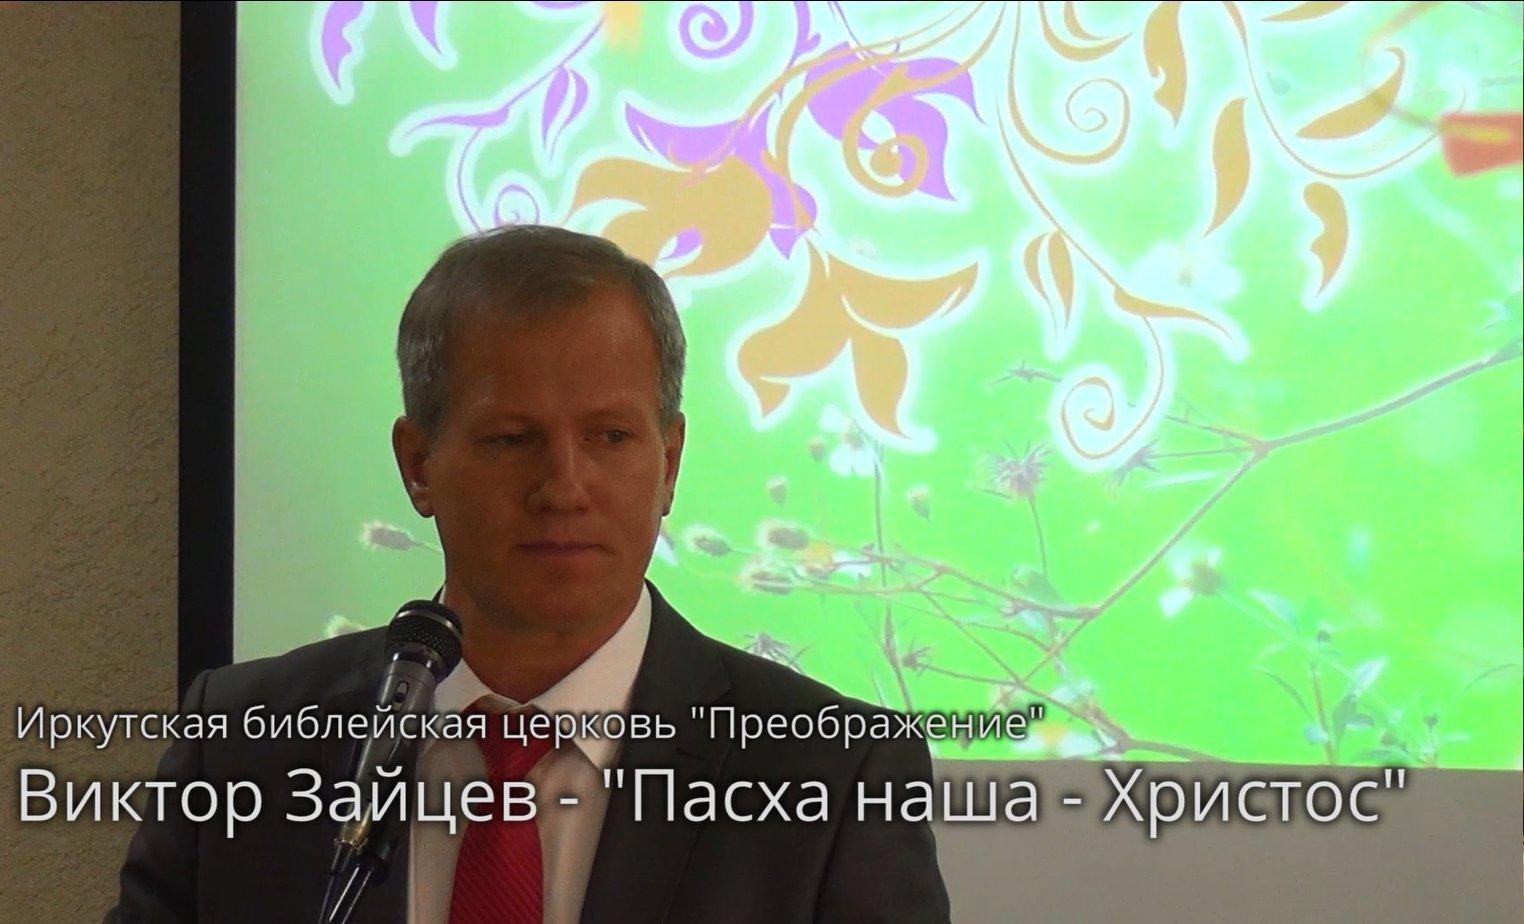 Виктор Зайцев — Пасха наша — Христос